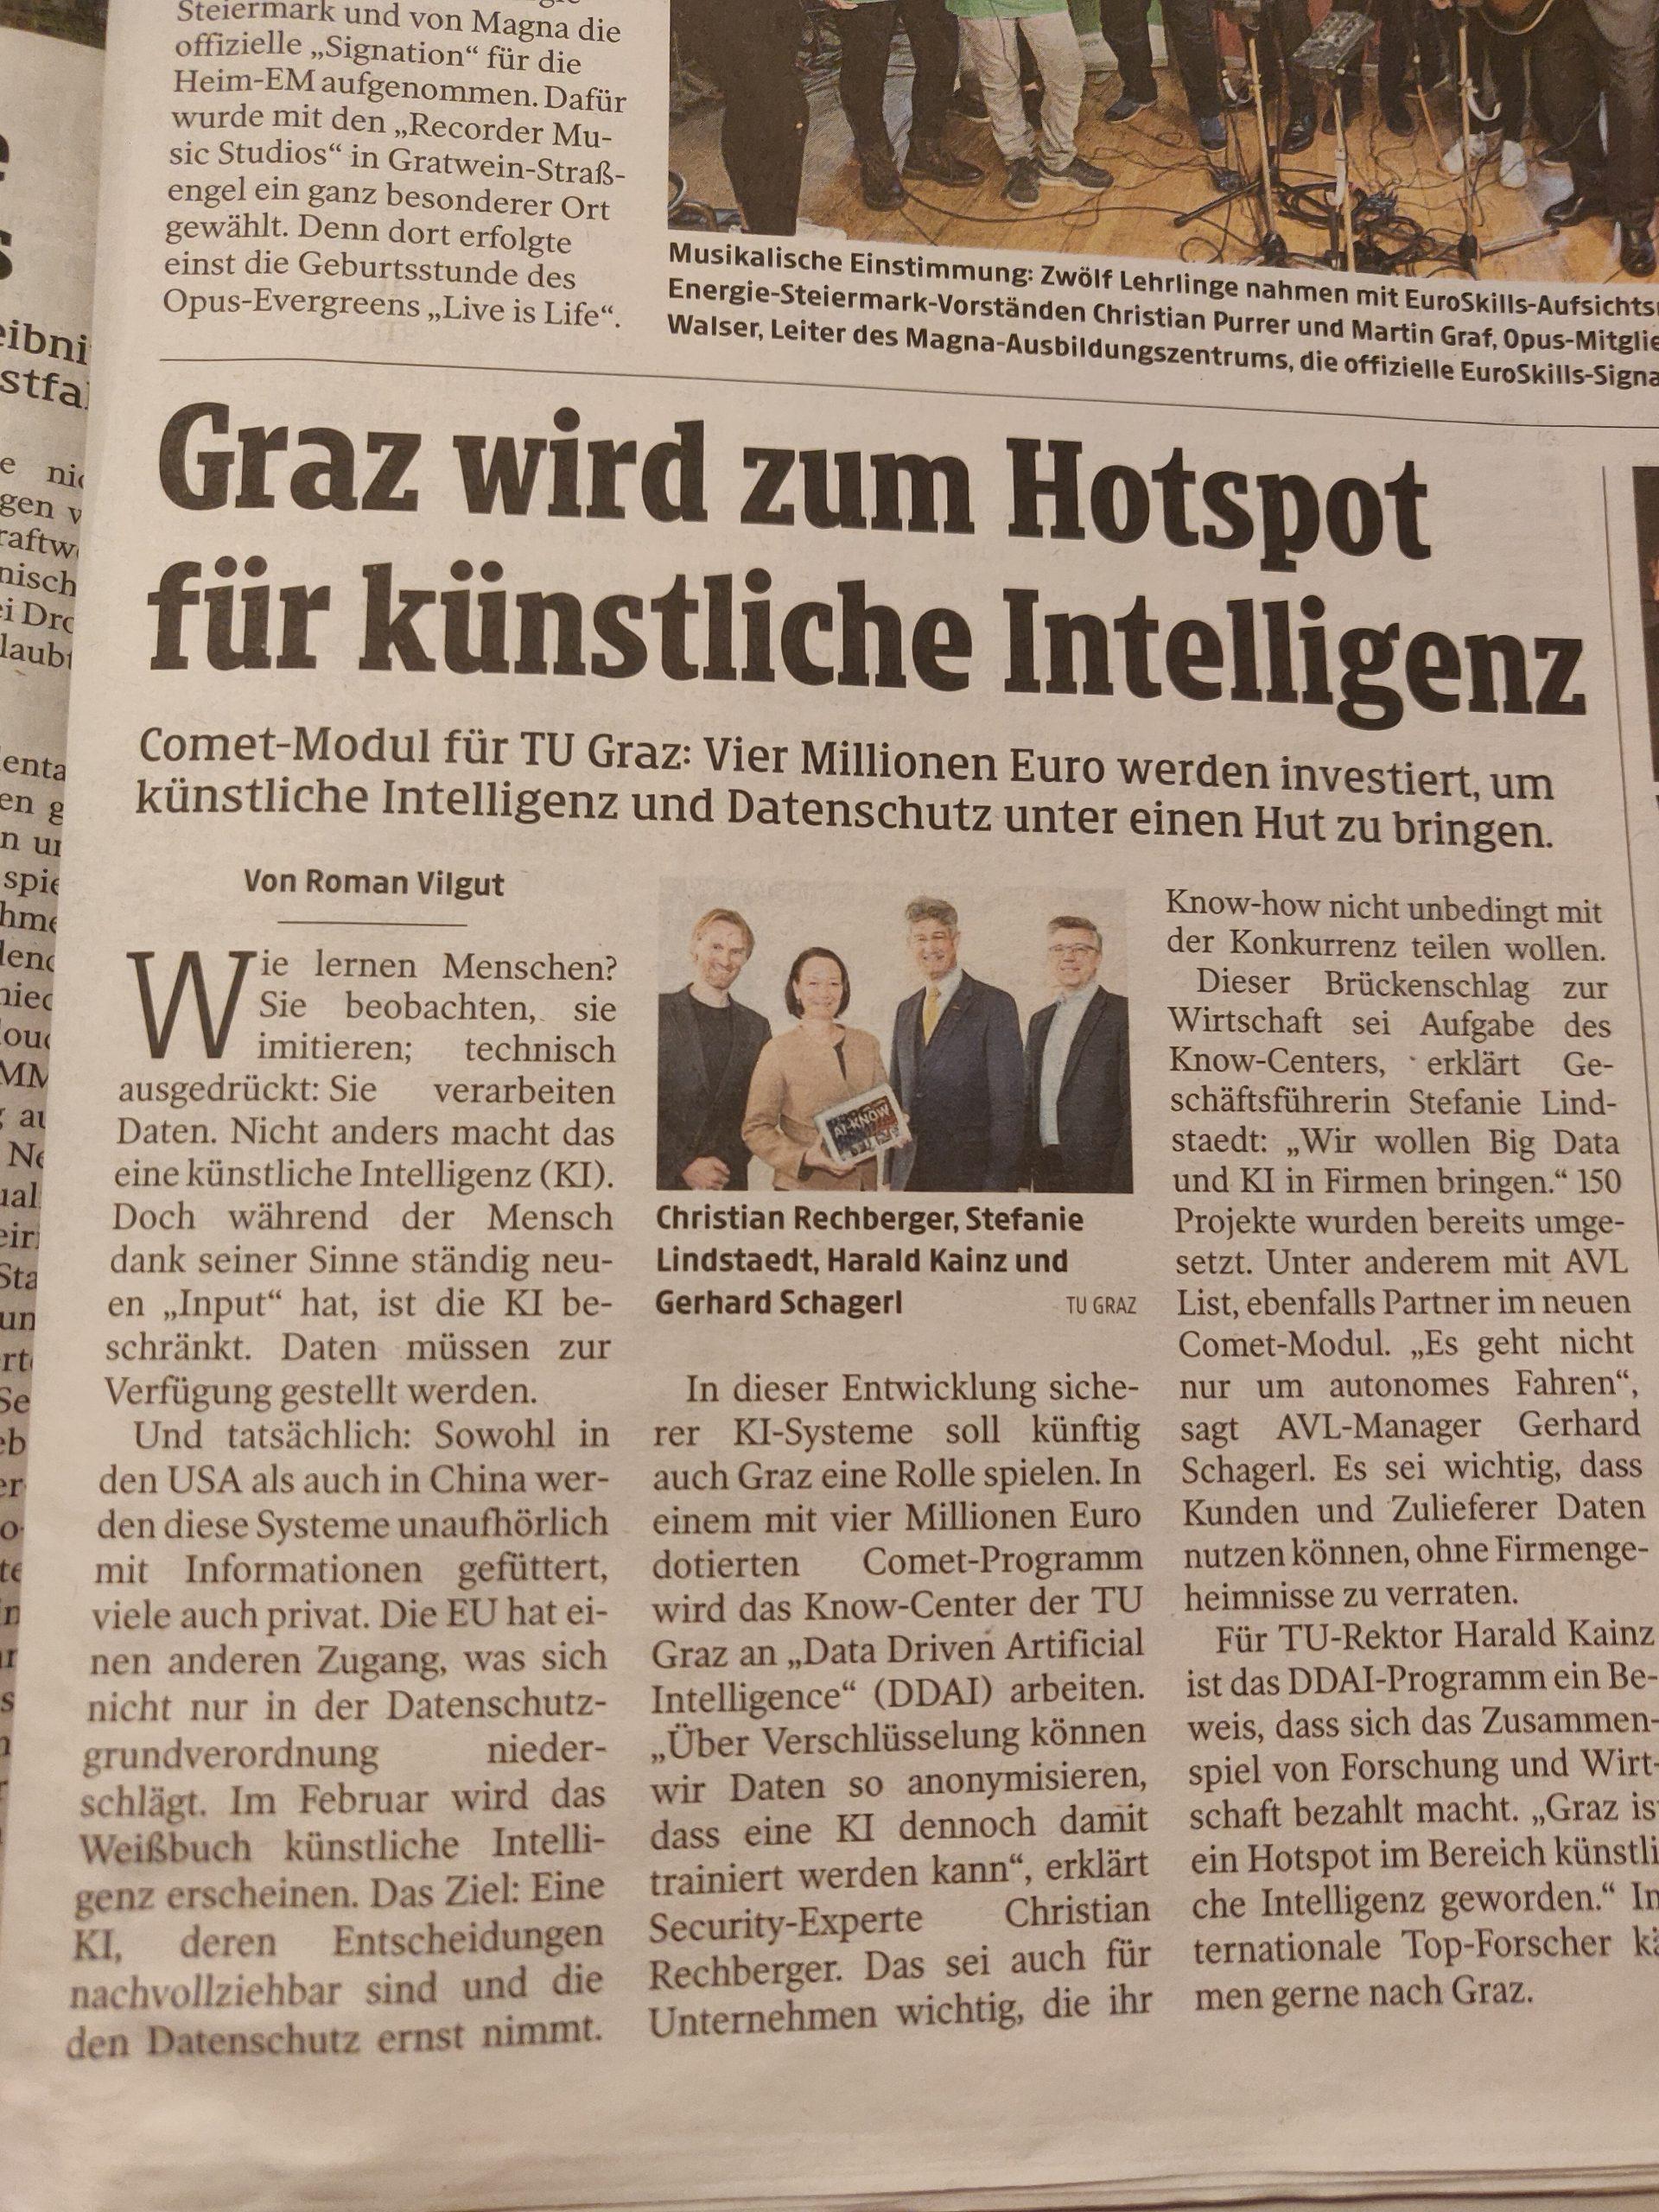 2020-02-11_Graz wird zum Hotspot für KI